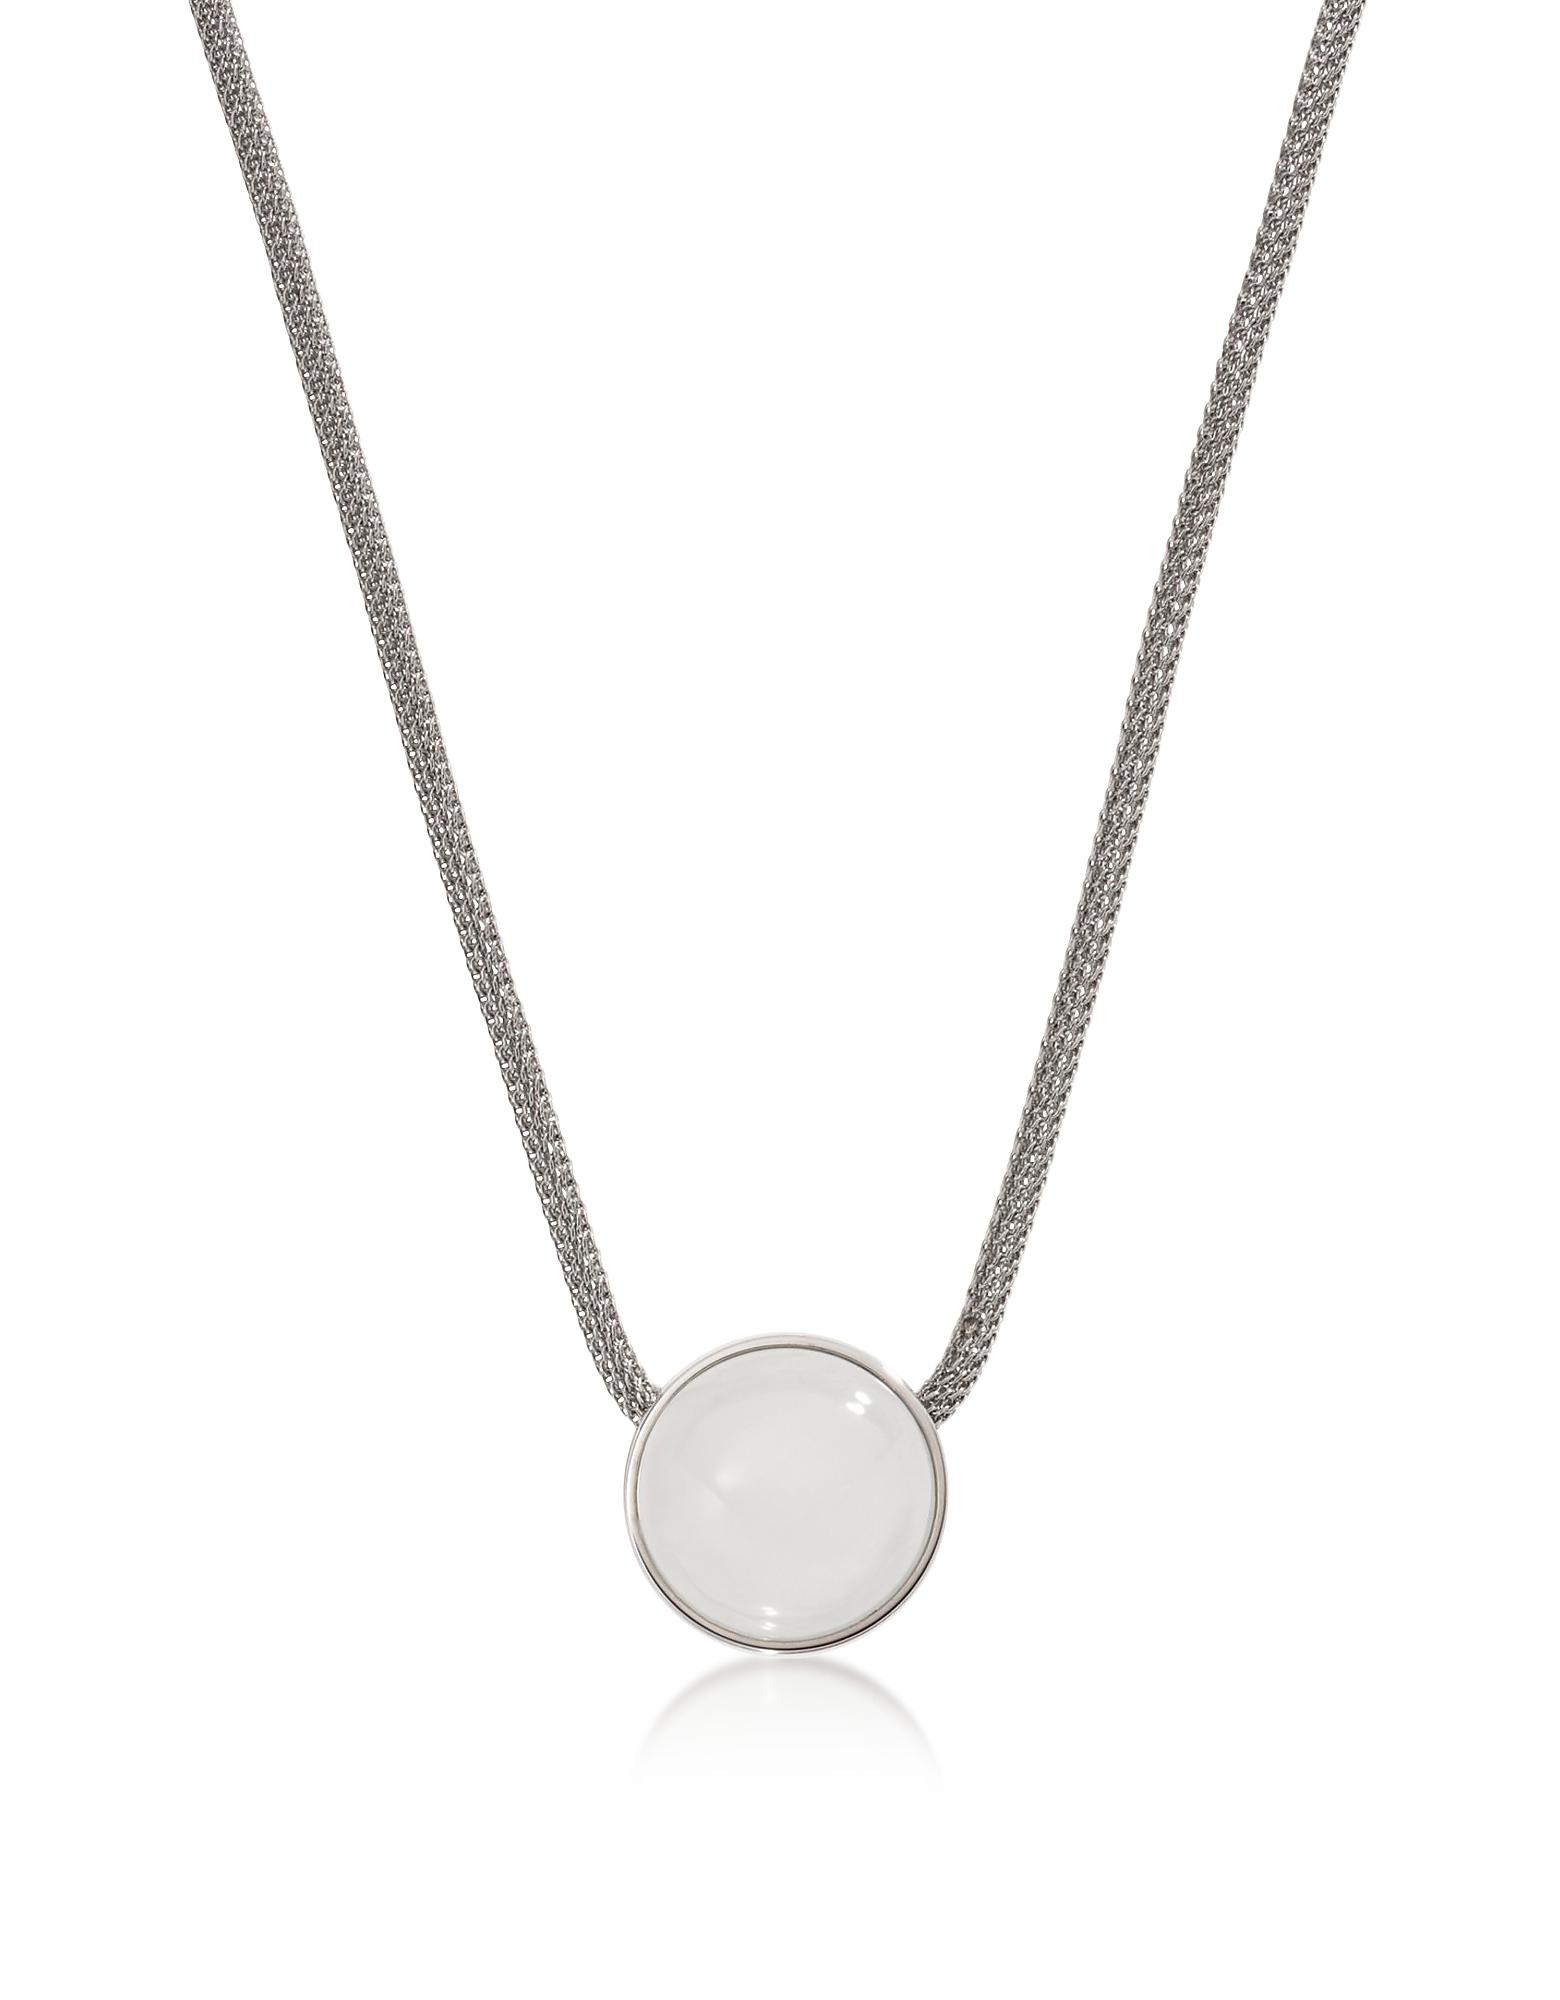 Sea Glass Silver Tone Women's Necklace